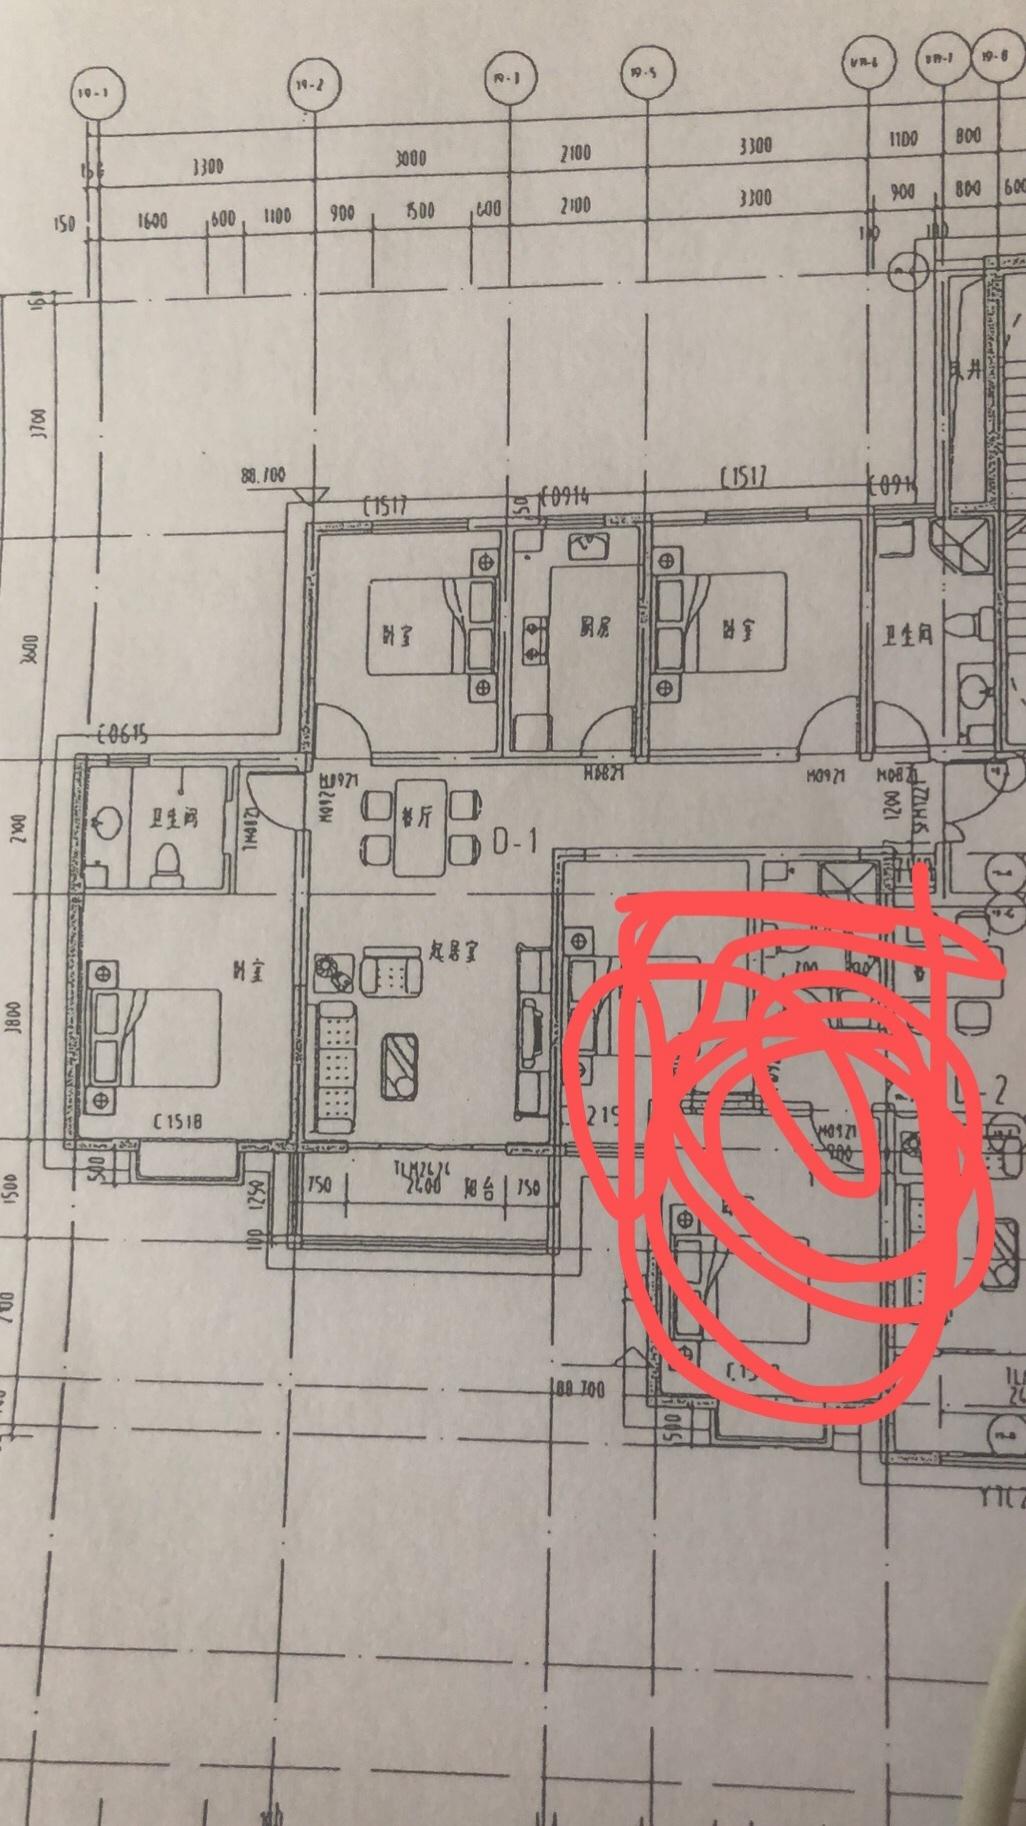 户型走廊特别狭长,而且没有餐厅,求帮忙改造设计一下,给点想法